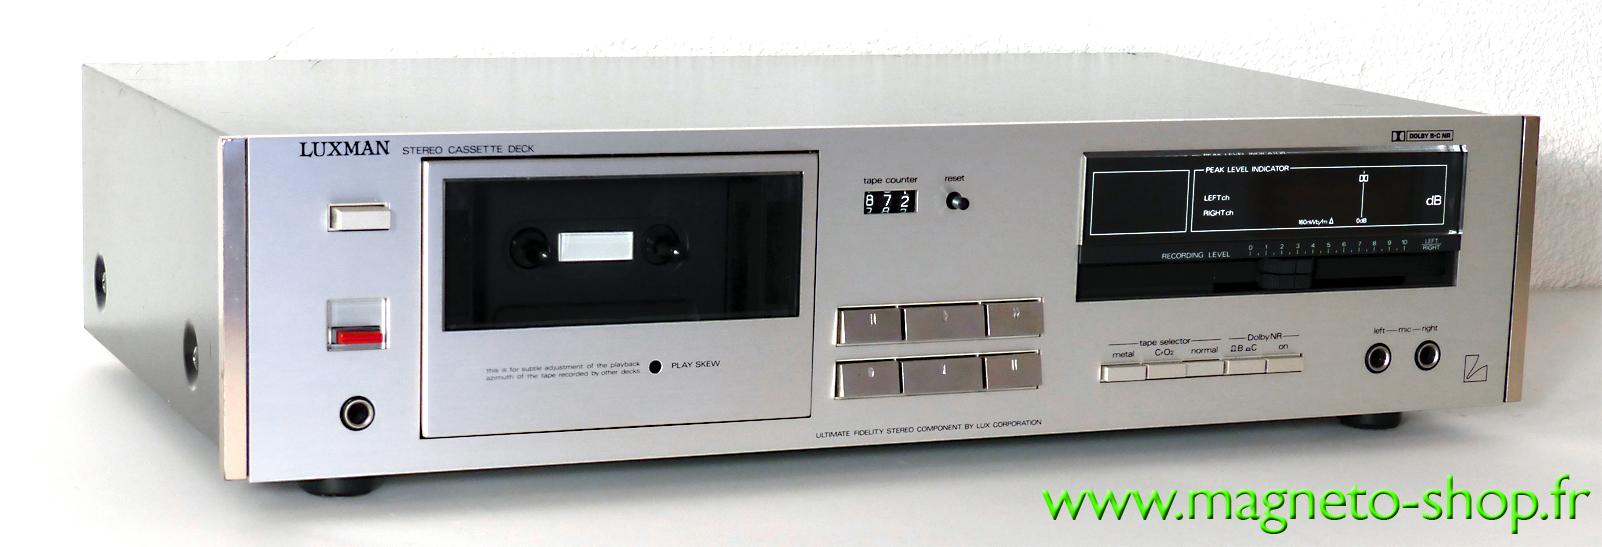 LUXMAN K-210